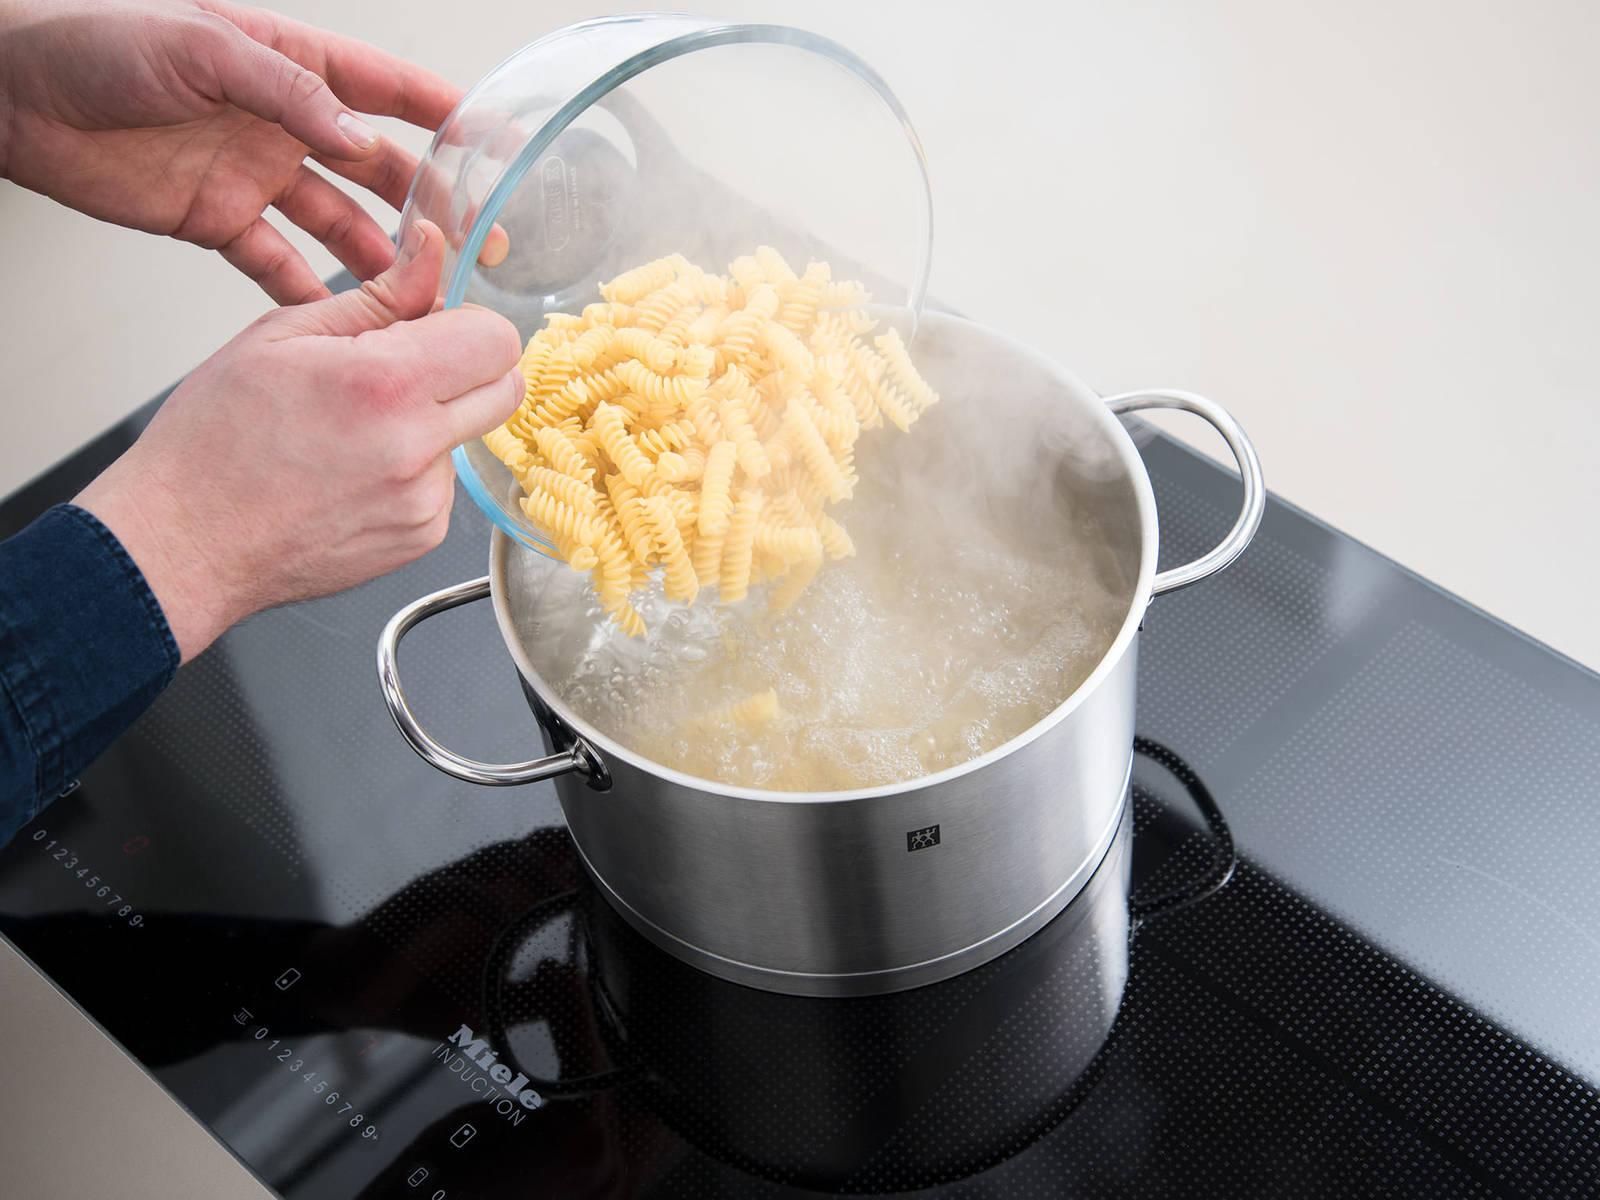 在一个锅中,煮沸适量水,加盐融化后,放入意面,煮至意面变熟且有嚼劲。与此同时,将烤箱预热至200℃。